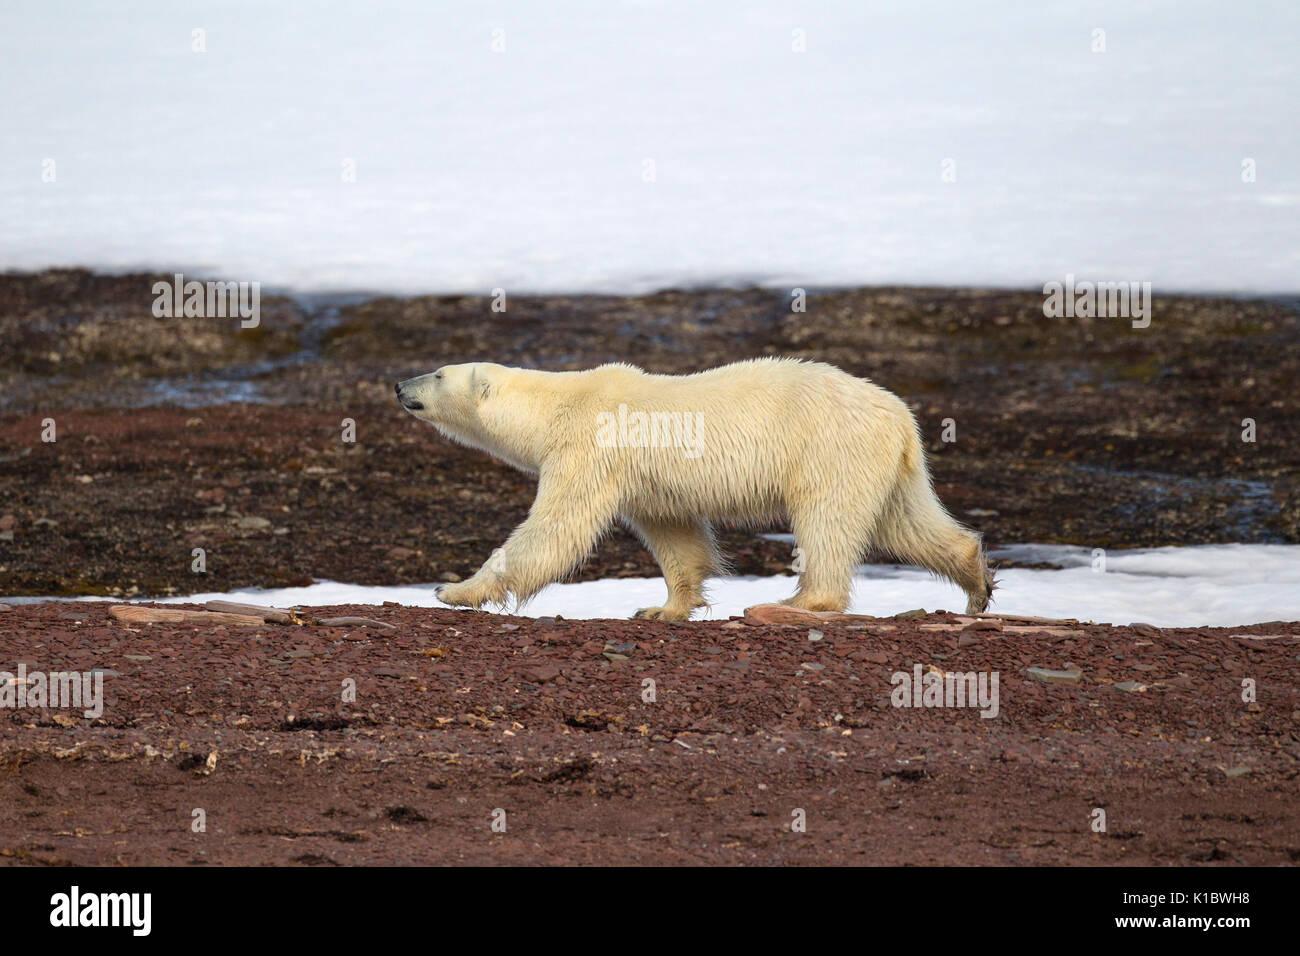 Orso polare, Ursus maritimus, singolo adulto camminando sulla tundra. Presa in giugno, Spitsbergen, Svalbard, Norvegia Immagini Stock